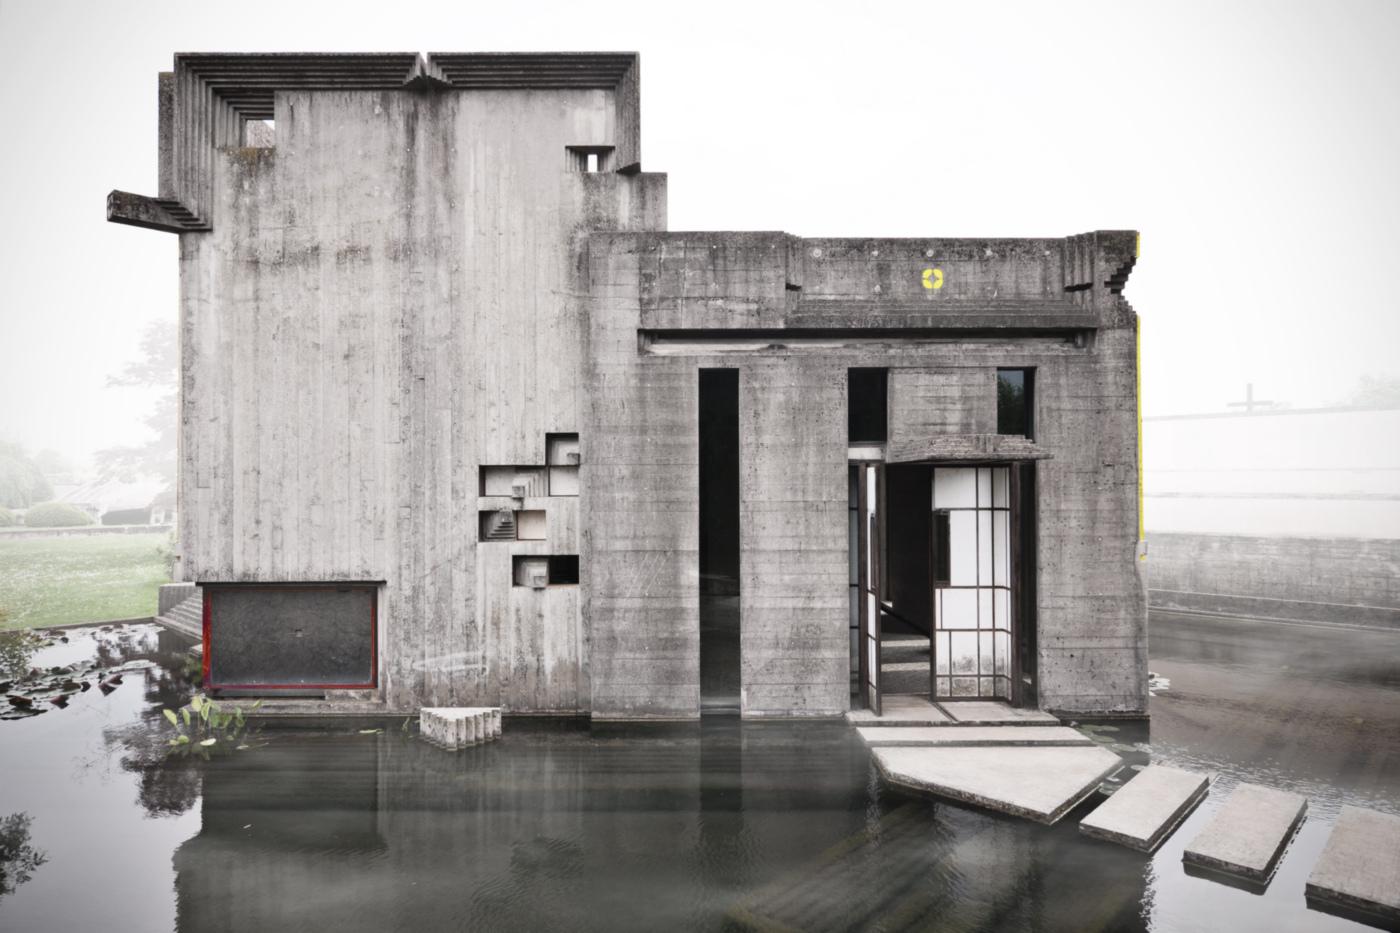 La Tomba Brion di Carlo Scarpa nelle fotografie di Carlo Deregibus | isola decima